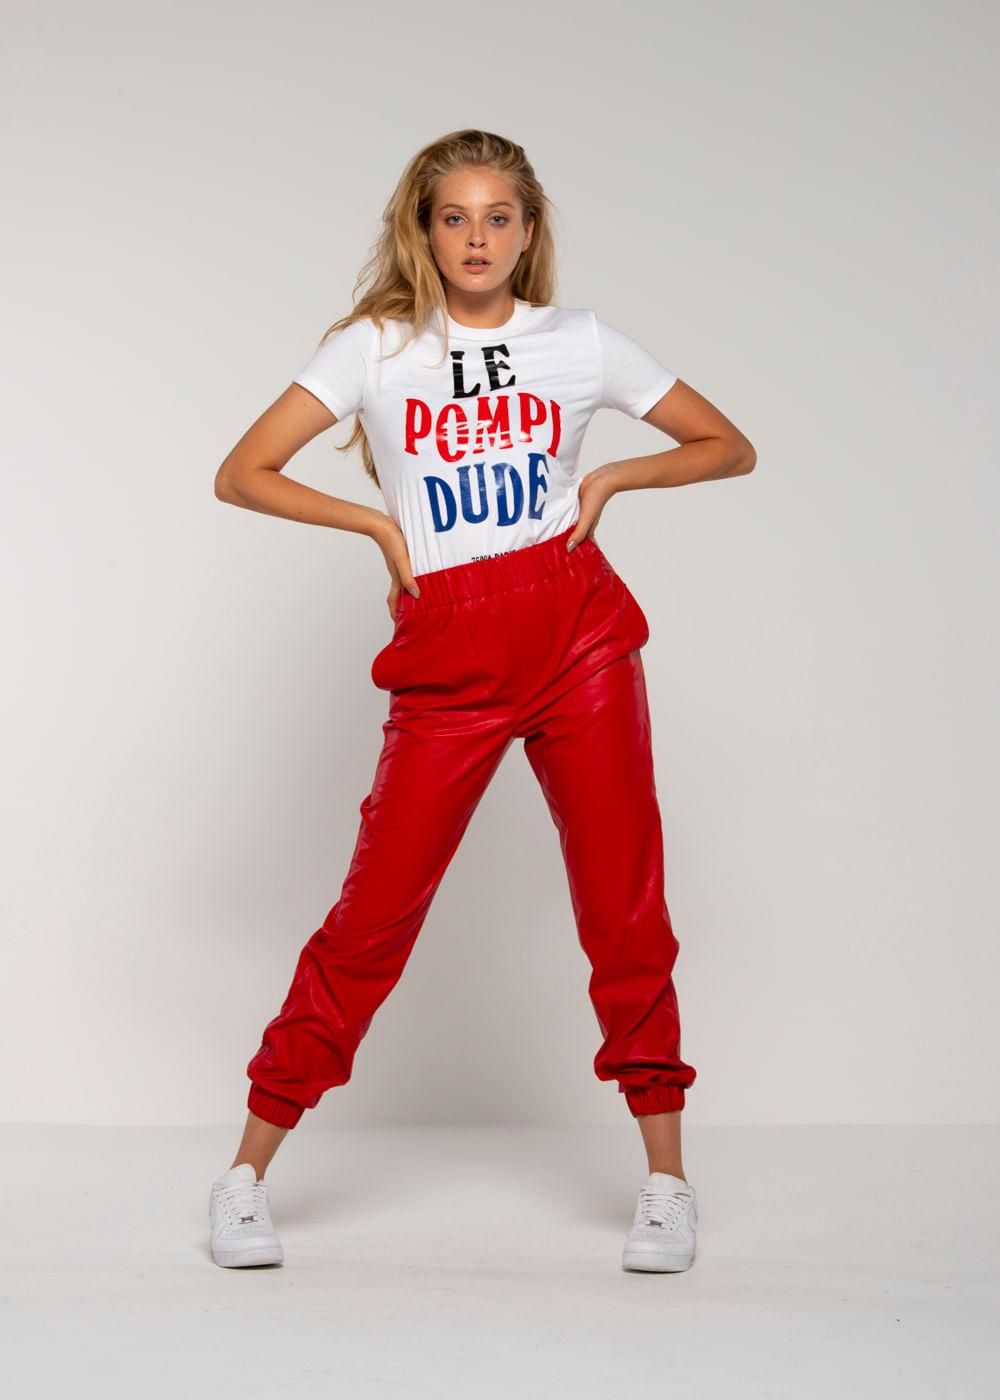 Camiseta Le Pompi Dude  Branca P